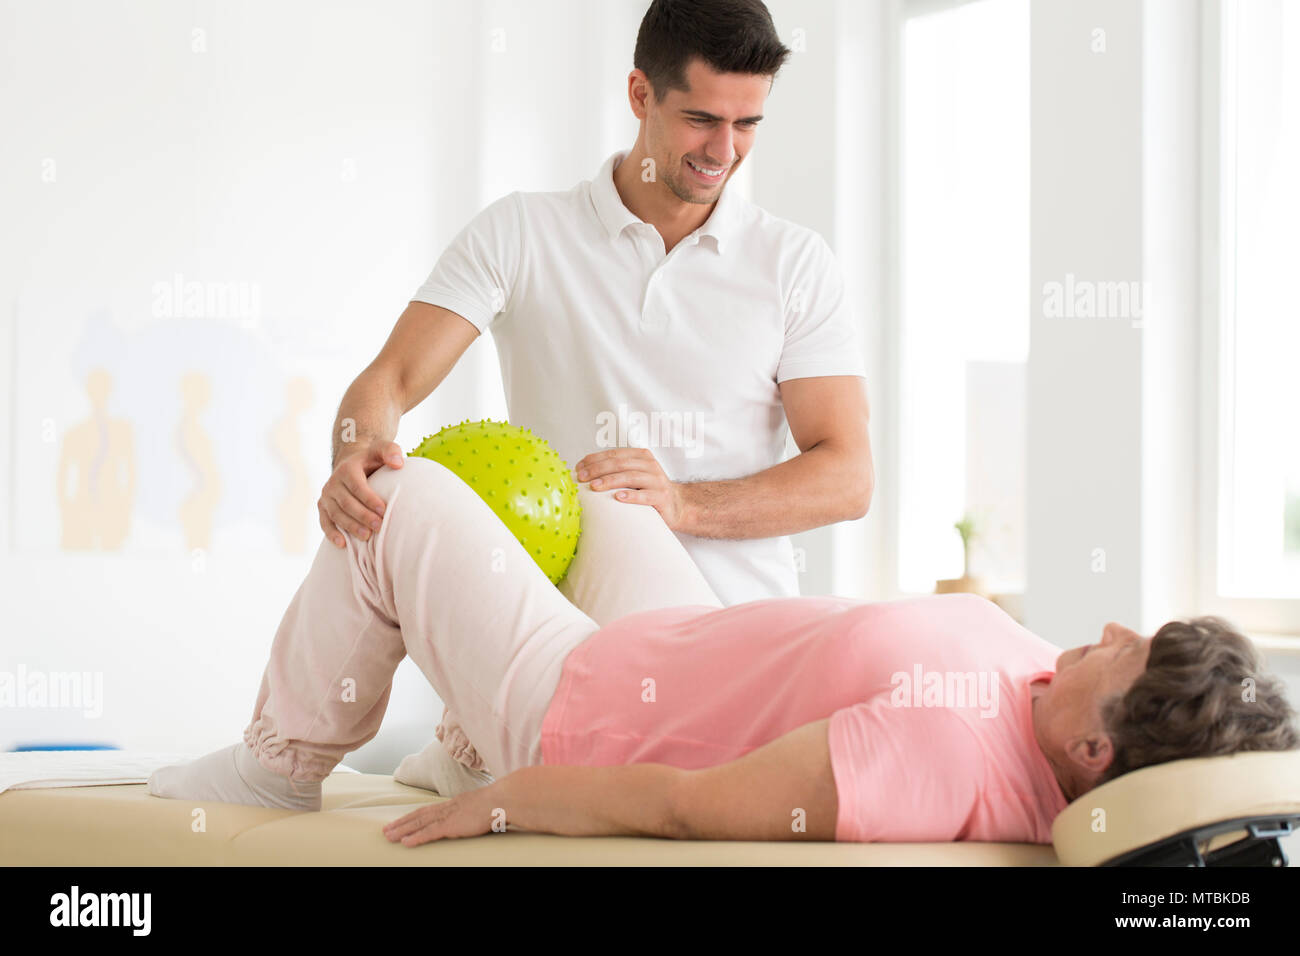 Paciente apretar una bola de masaje verde con las rodillas mientras está acostada sobre su espalda Imagen De Stock